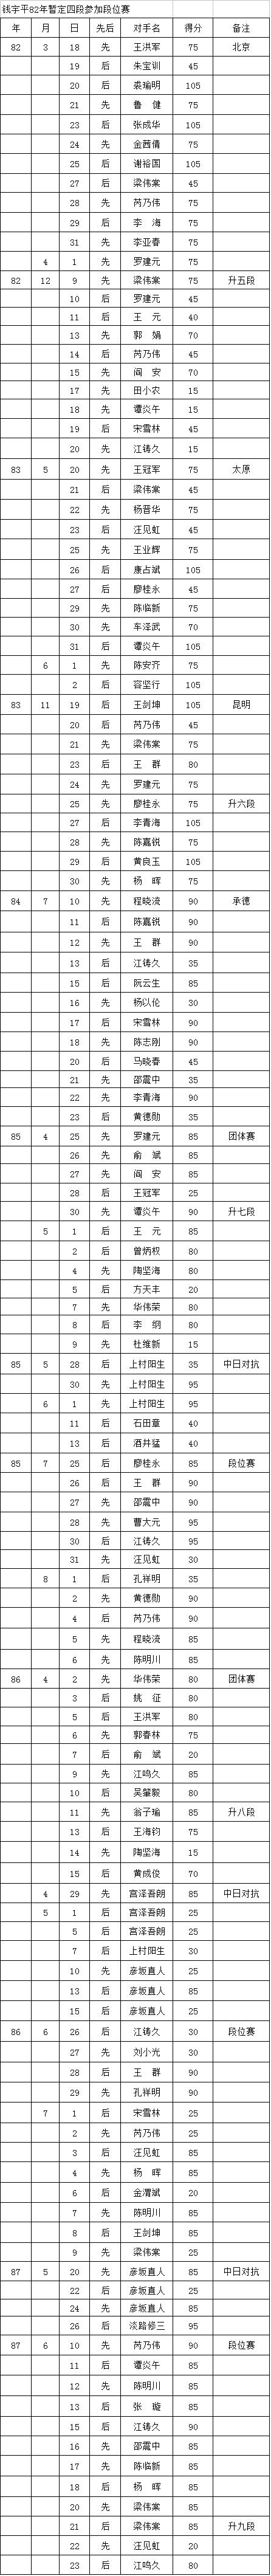 中国围棋职业段位制的历史